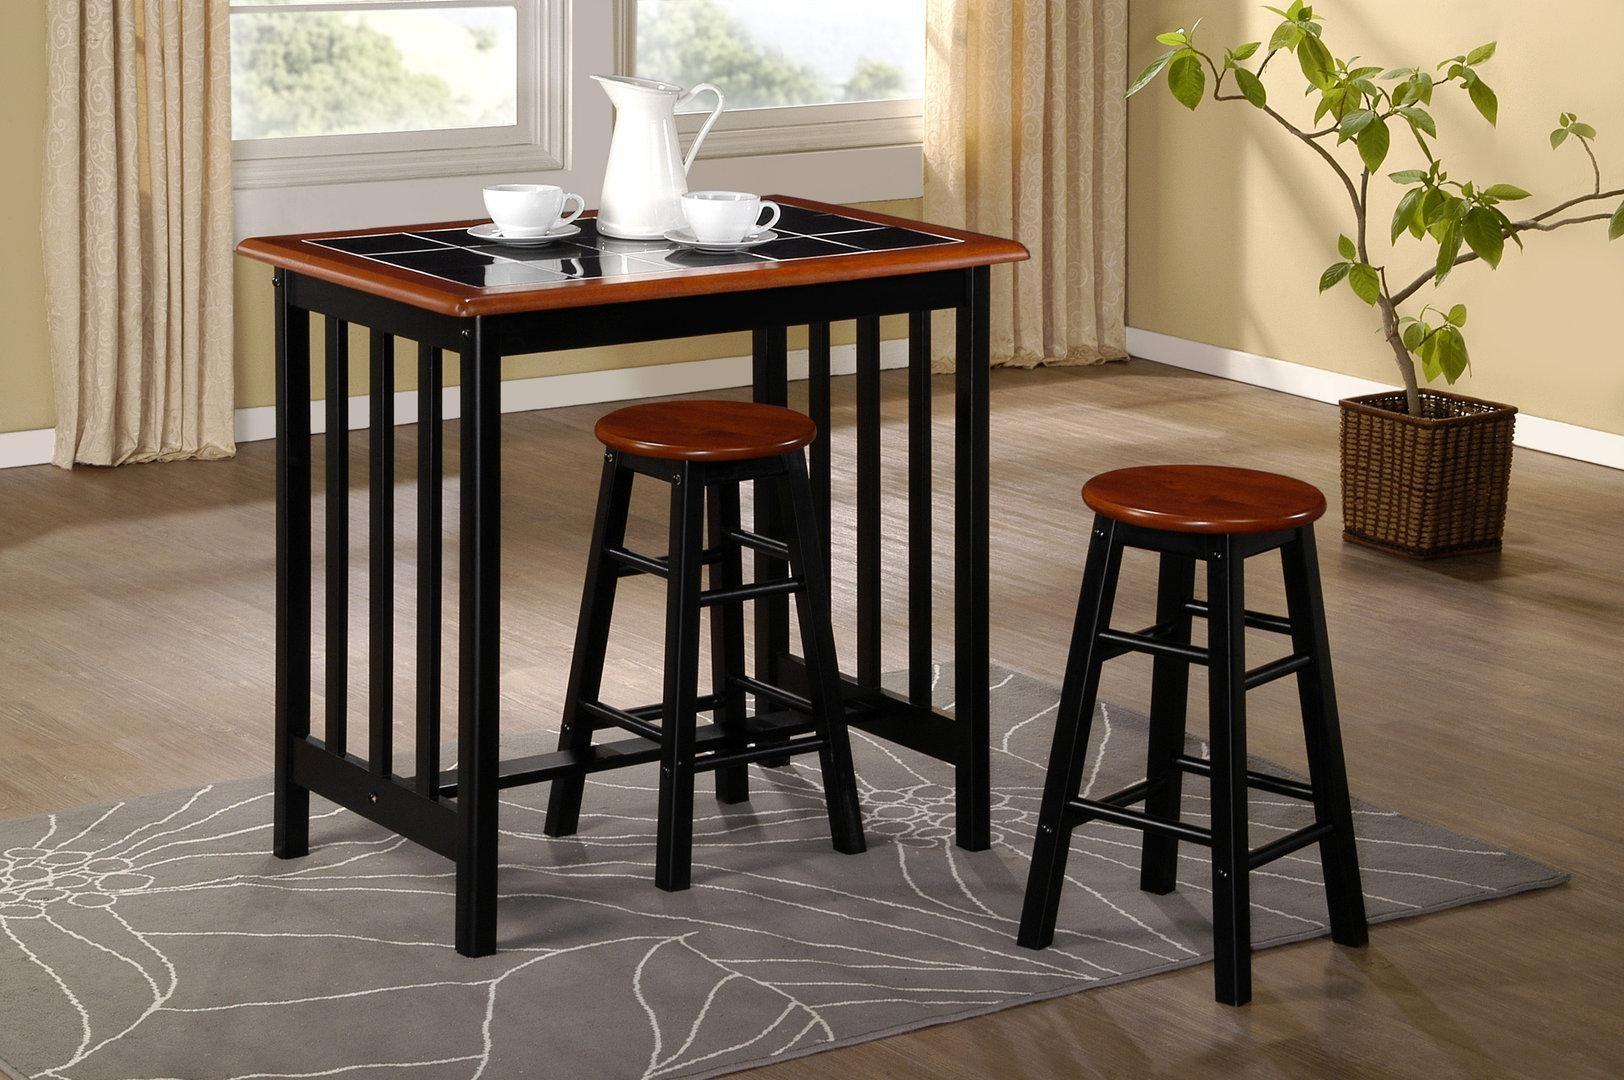 Atemberaubend Billige Küchenecke Tisch Set Galerie - Küchenschrank ...